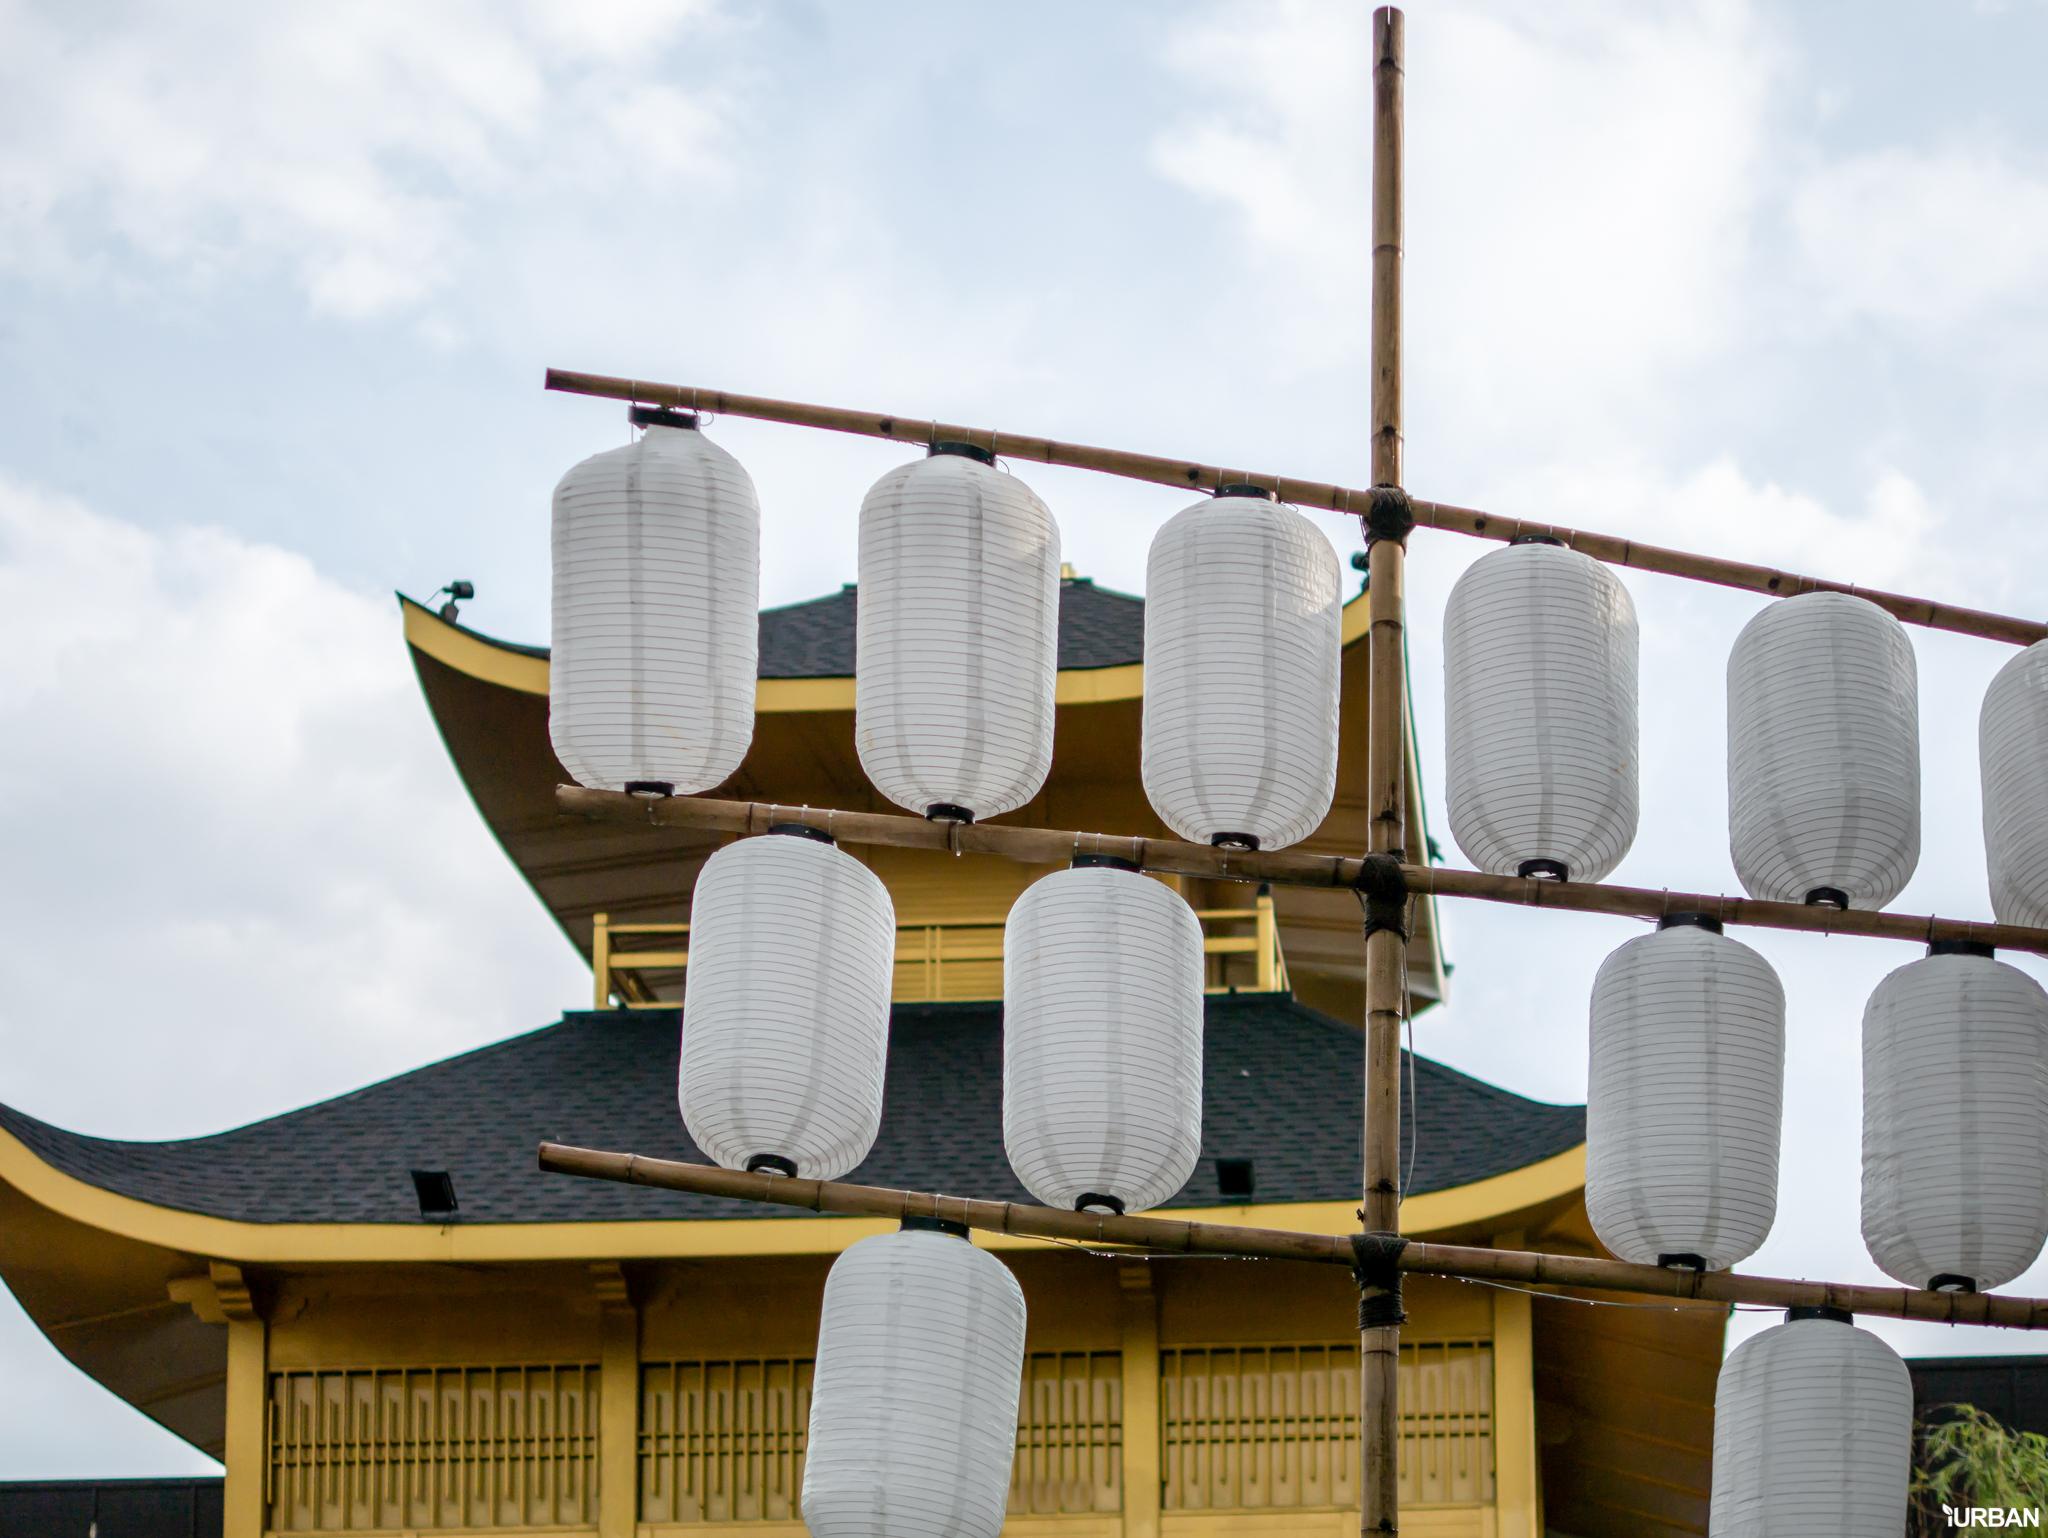 """""""ศรีราชา"""" 12 ที่เที่ยวศรีราชาสำหรับคนมีเวลานิดเดียวแต่อยากเที่ยวญี่ปุ่น 22 - Highlight"""